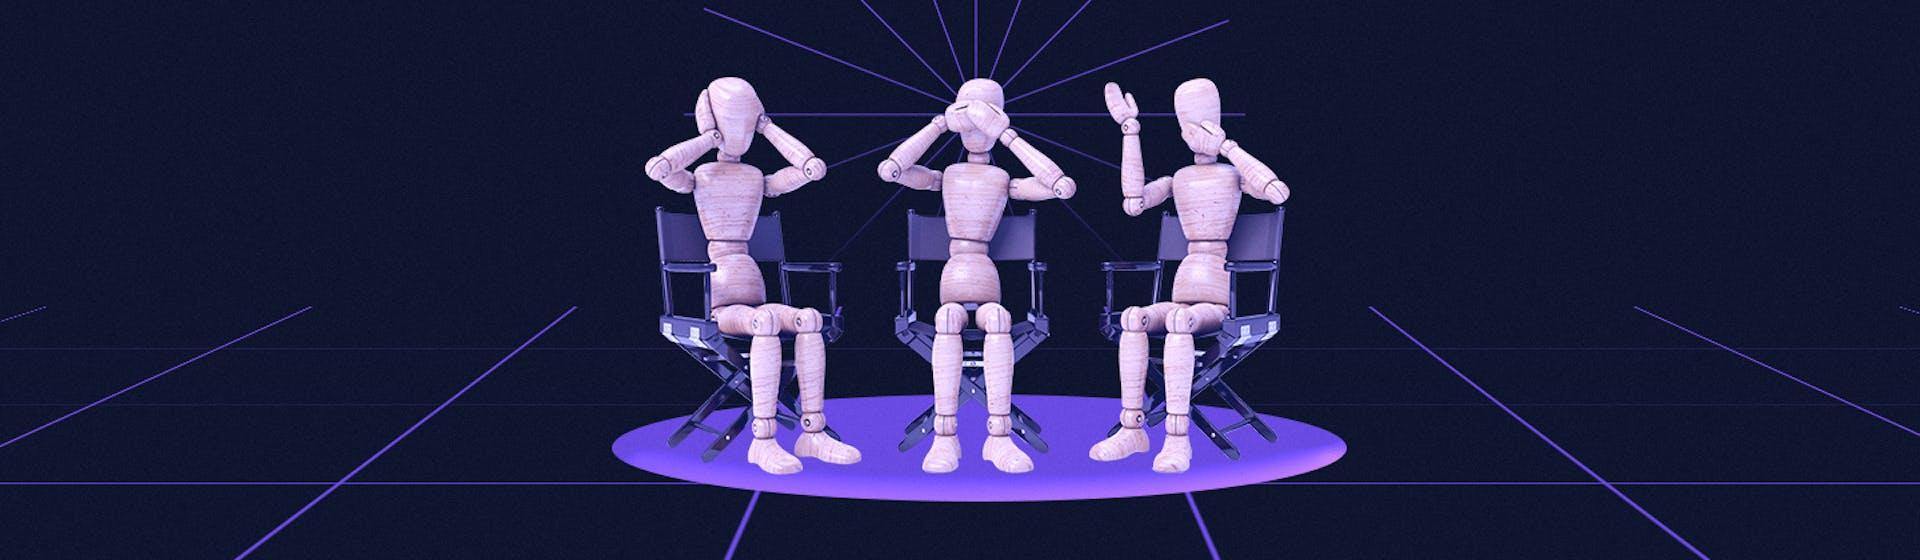 Descubre para qué sirve la expresión corporal en la actuación y cautiva escenarios